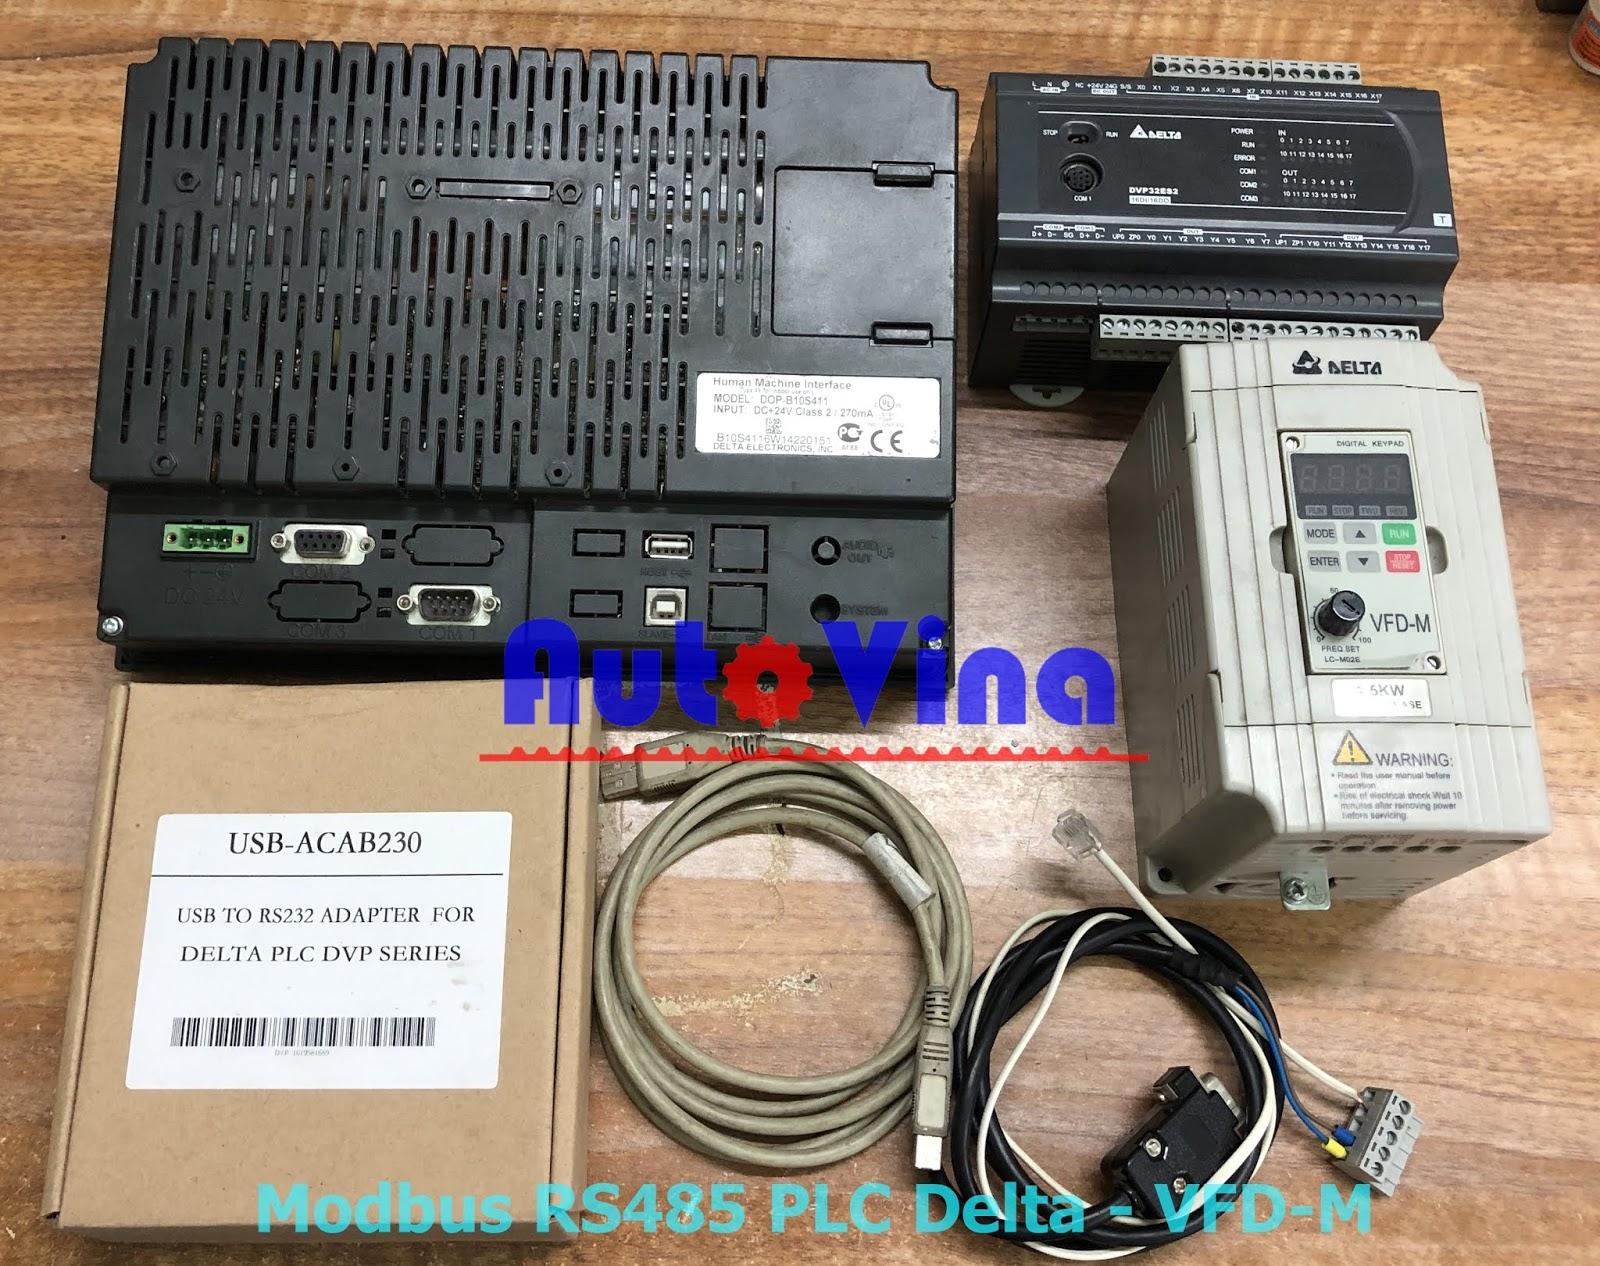 Tài liệu hướng dẫn lập trình PLC Delta DVP32ES200T điều khiển biến tần qua truyền thông Modbus RS485